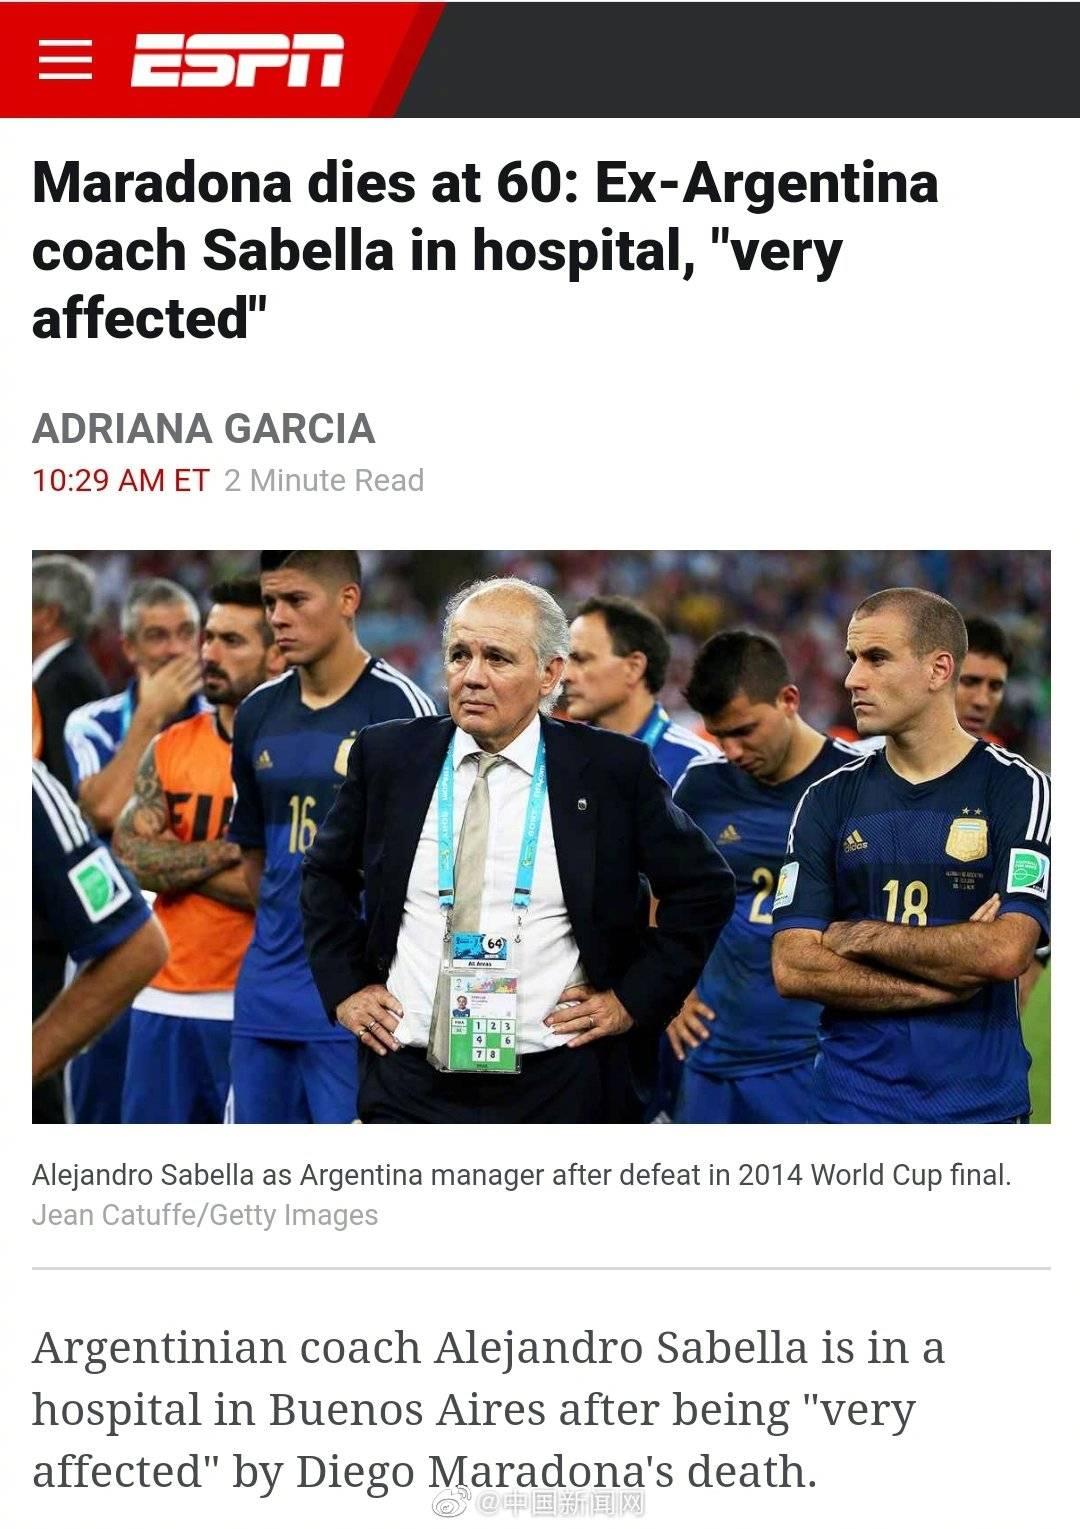 因马拉多纳去世深受打击,前阿根廷主帅萨维利亚被紧急送医